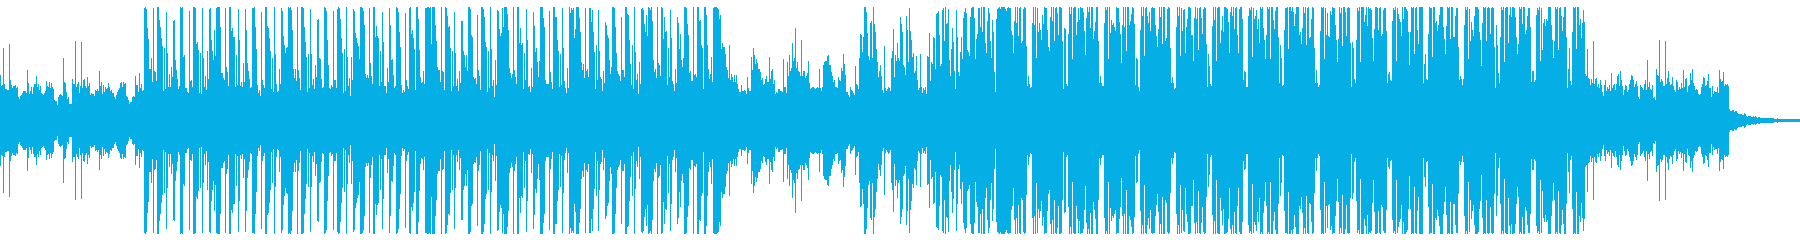 色々なテーマ音に使えそうなBGMの再生済みの波形